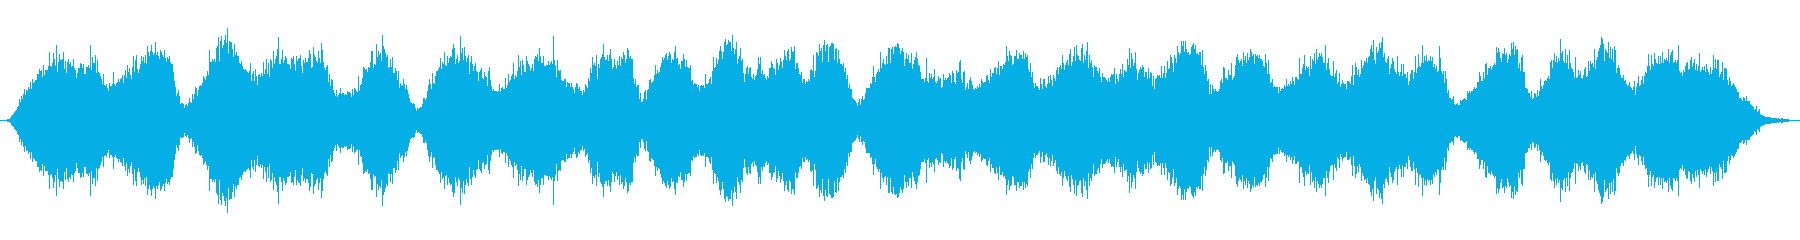 シアターレインサウンドマシン:さま...の再生済みの波形